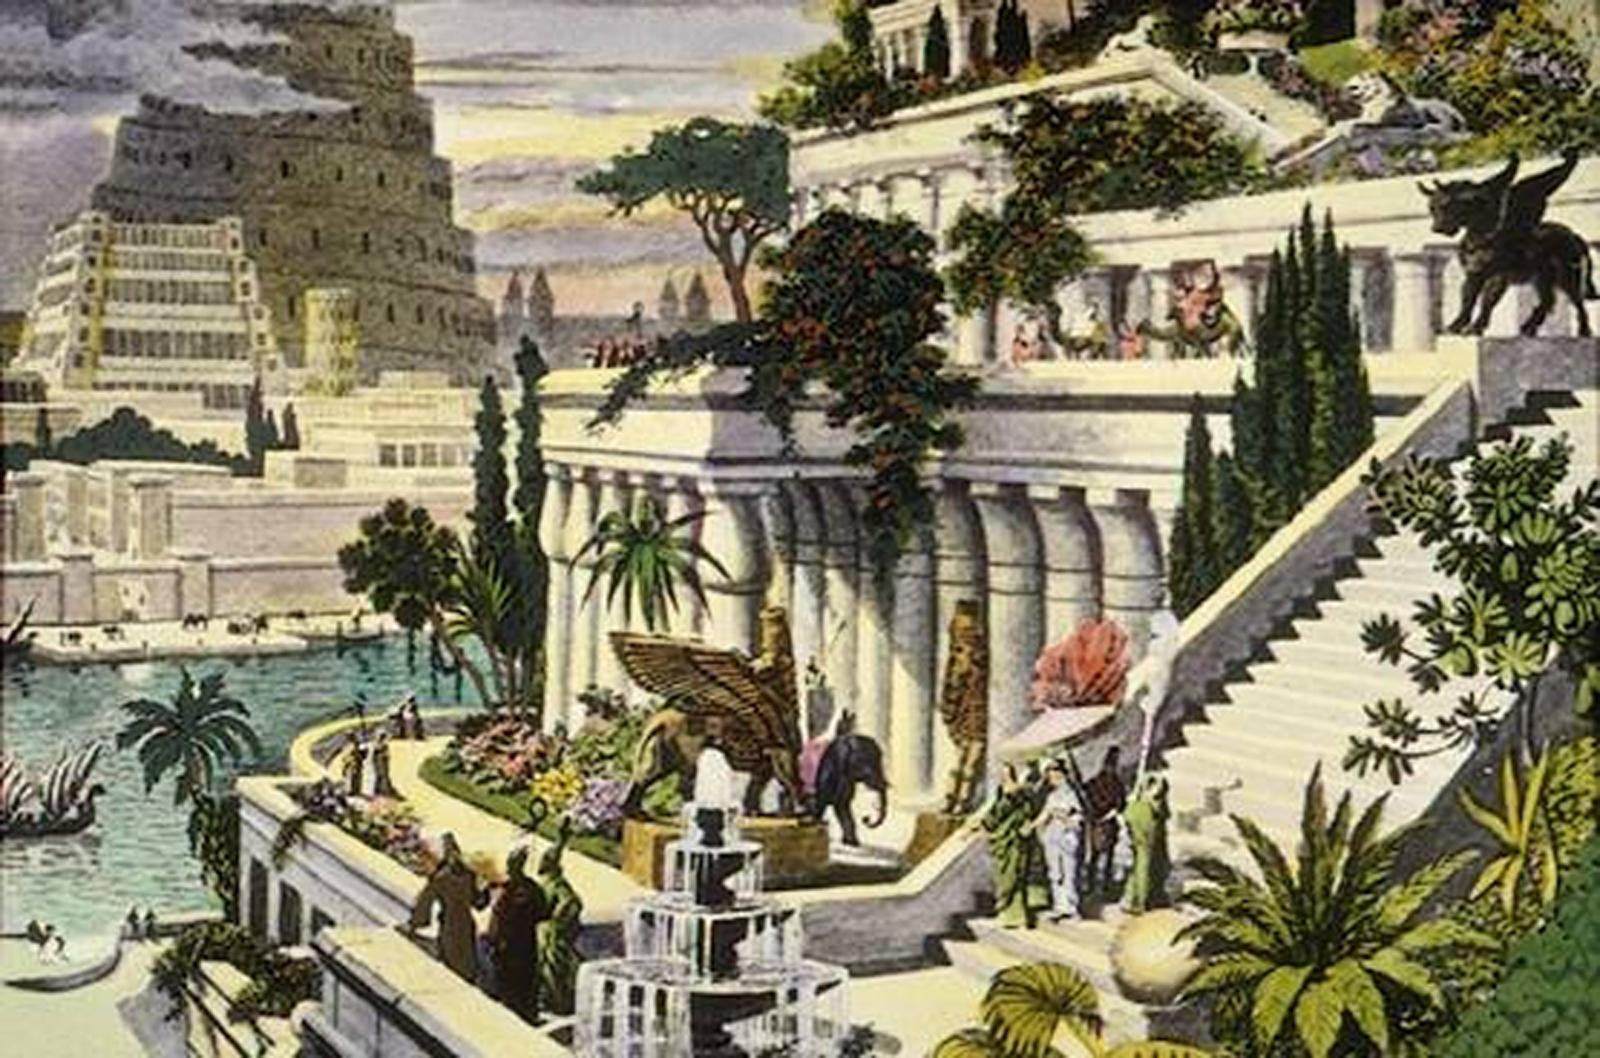 Viseći vrtovi Vavilona nikad nisu bili u Vavilonu!  Uredite Dom